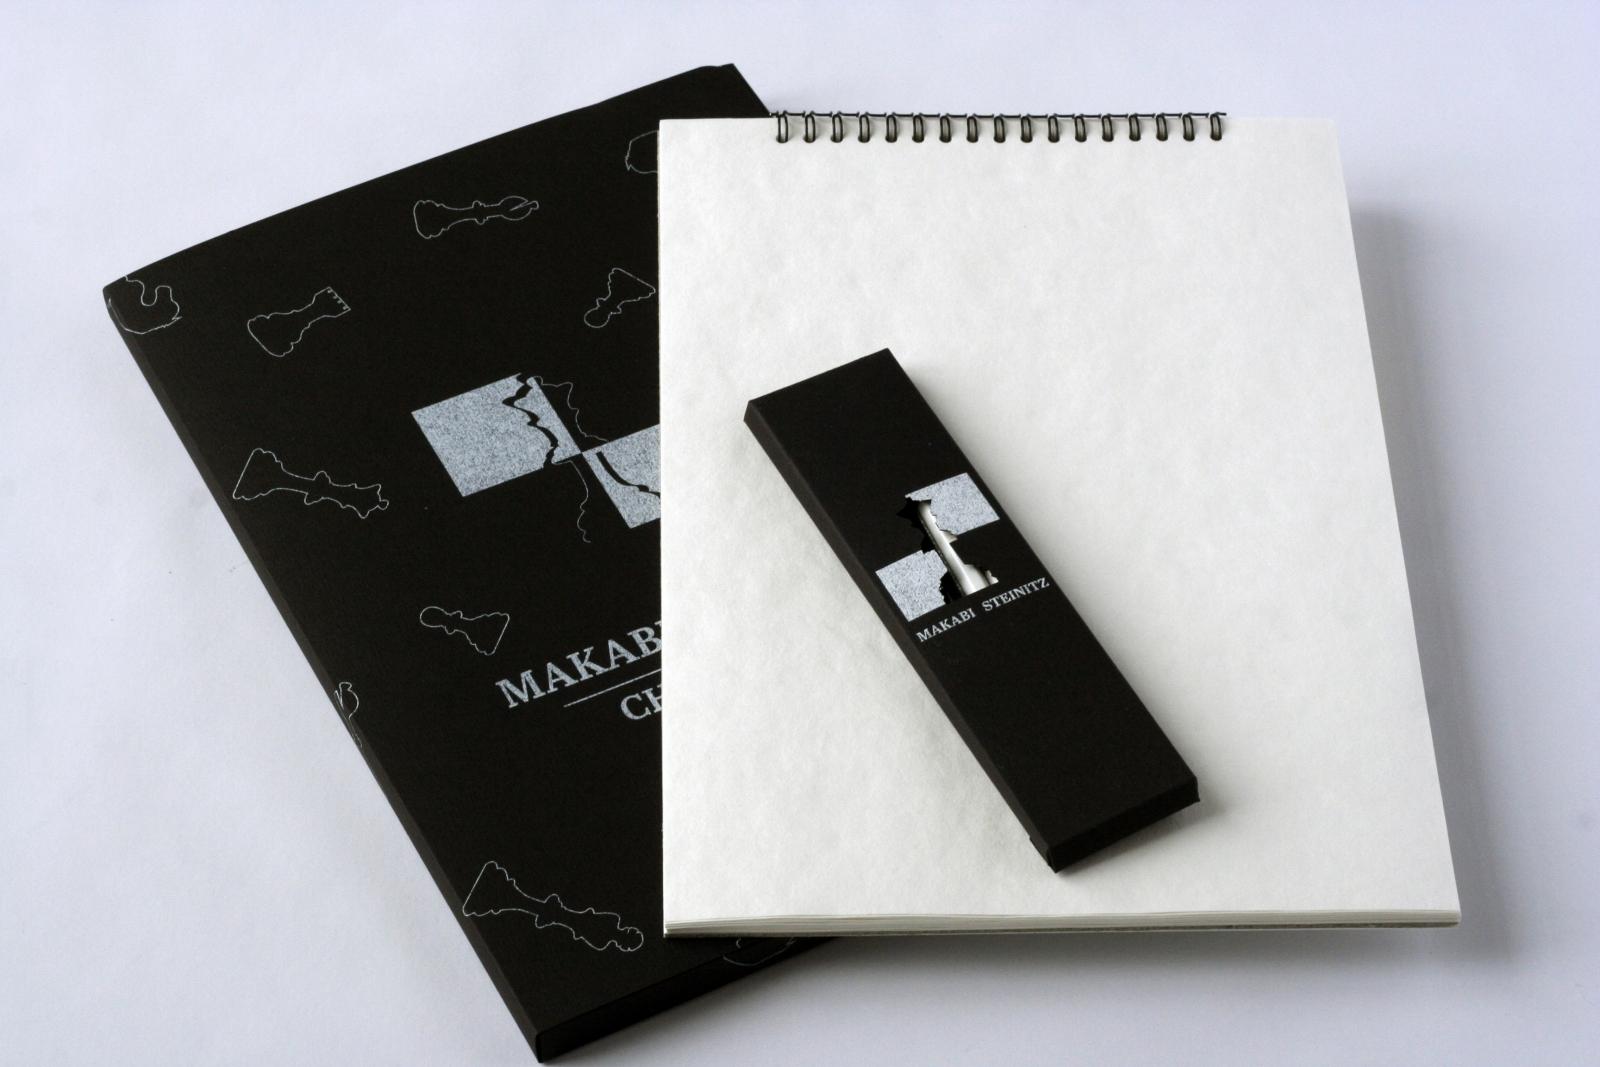 Krabička na pastelky jako propagační předmět + desky na skicák<br> 2. ročník, 2020/2021 <br> klauzurní práce <br> K realizaci práce byly použity technologie: digitální tisk na stroji Mimaki a Minolta, řezací plotr Kongsberg.